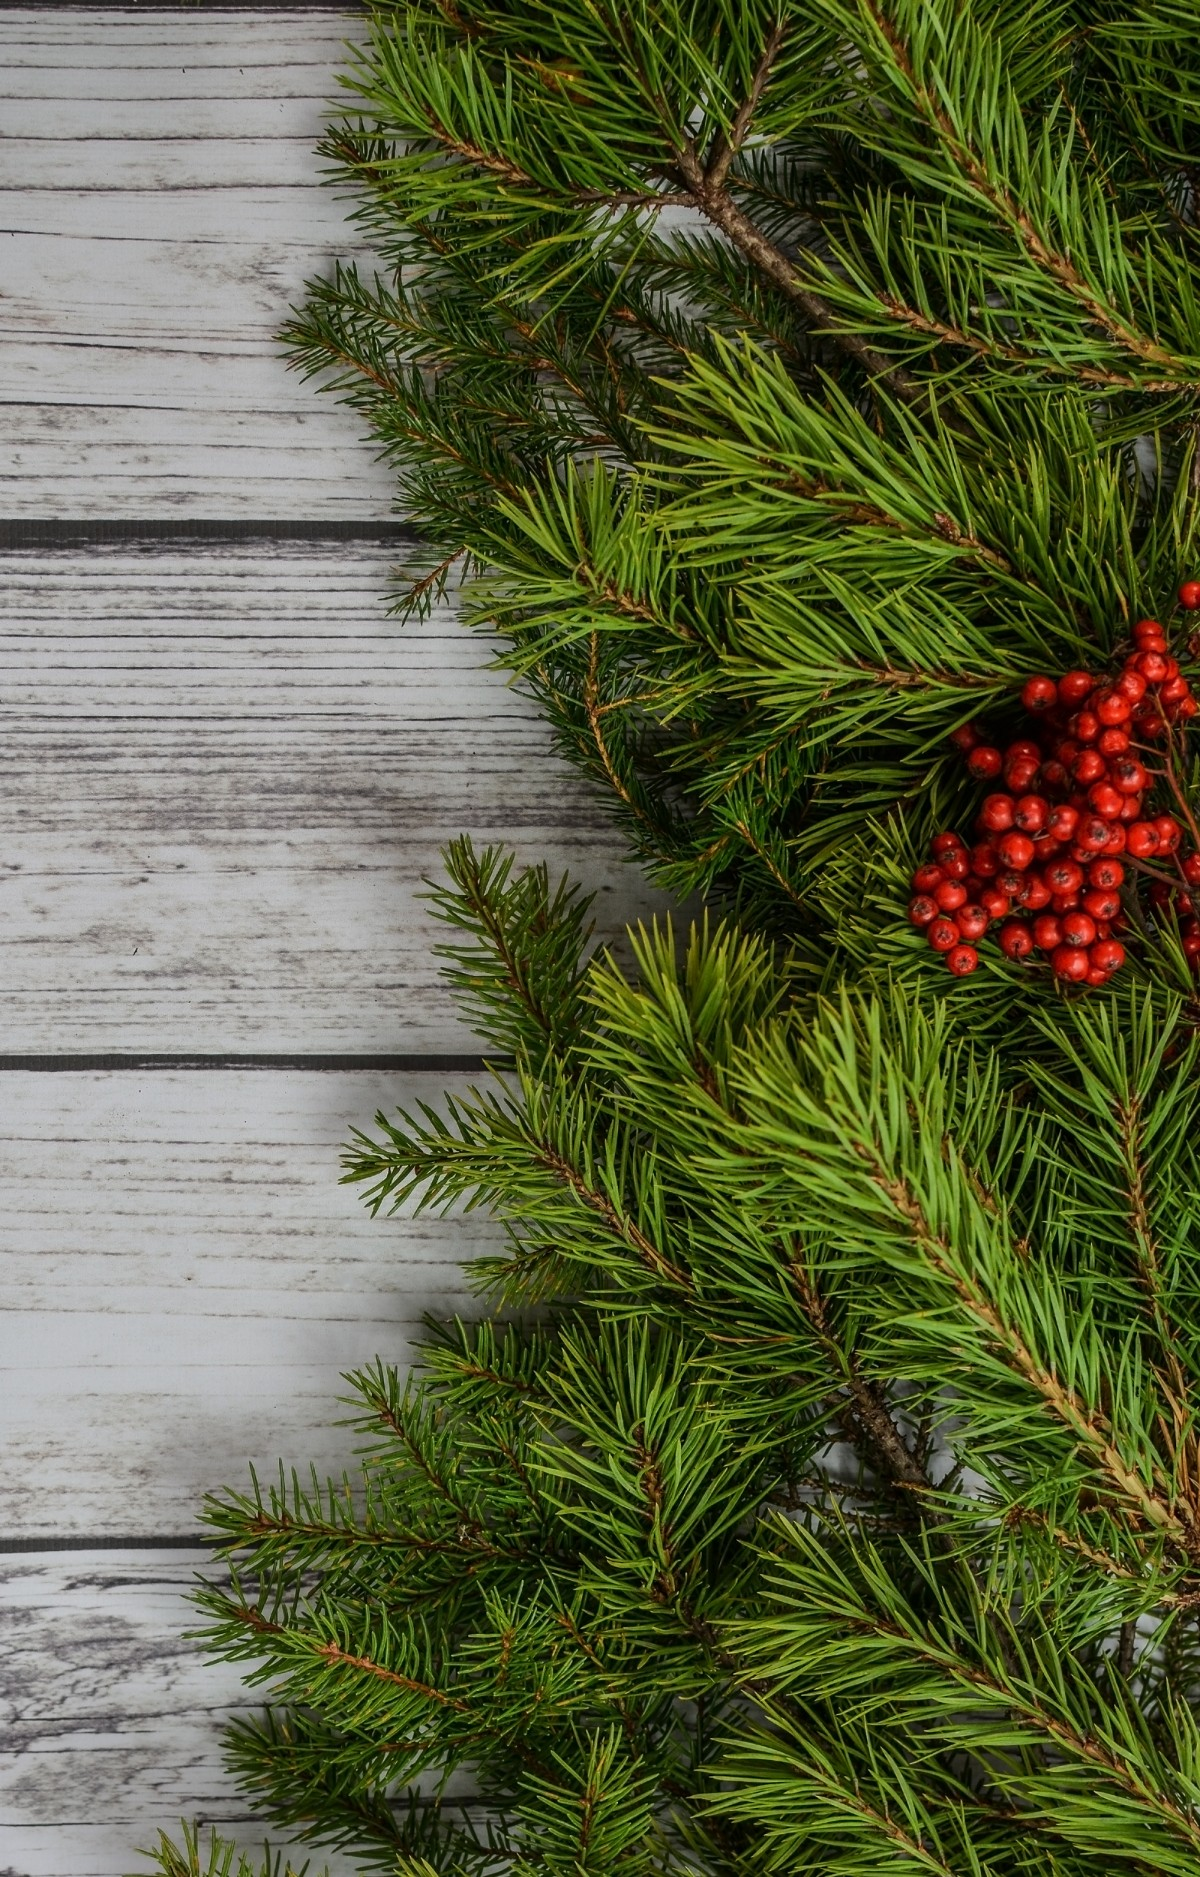 Free Images Background Backdrop Xmas Holiday